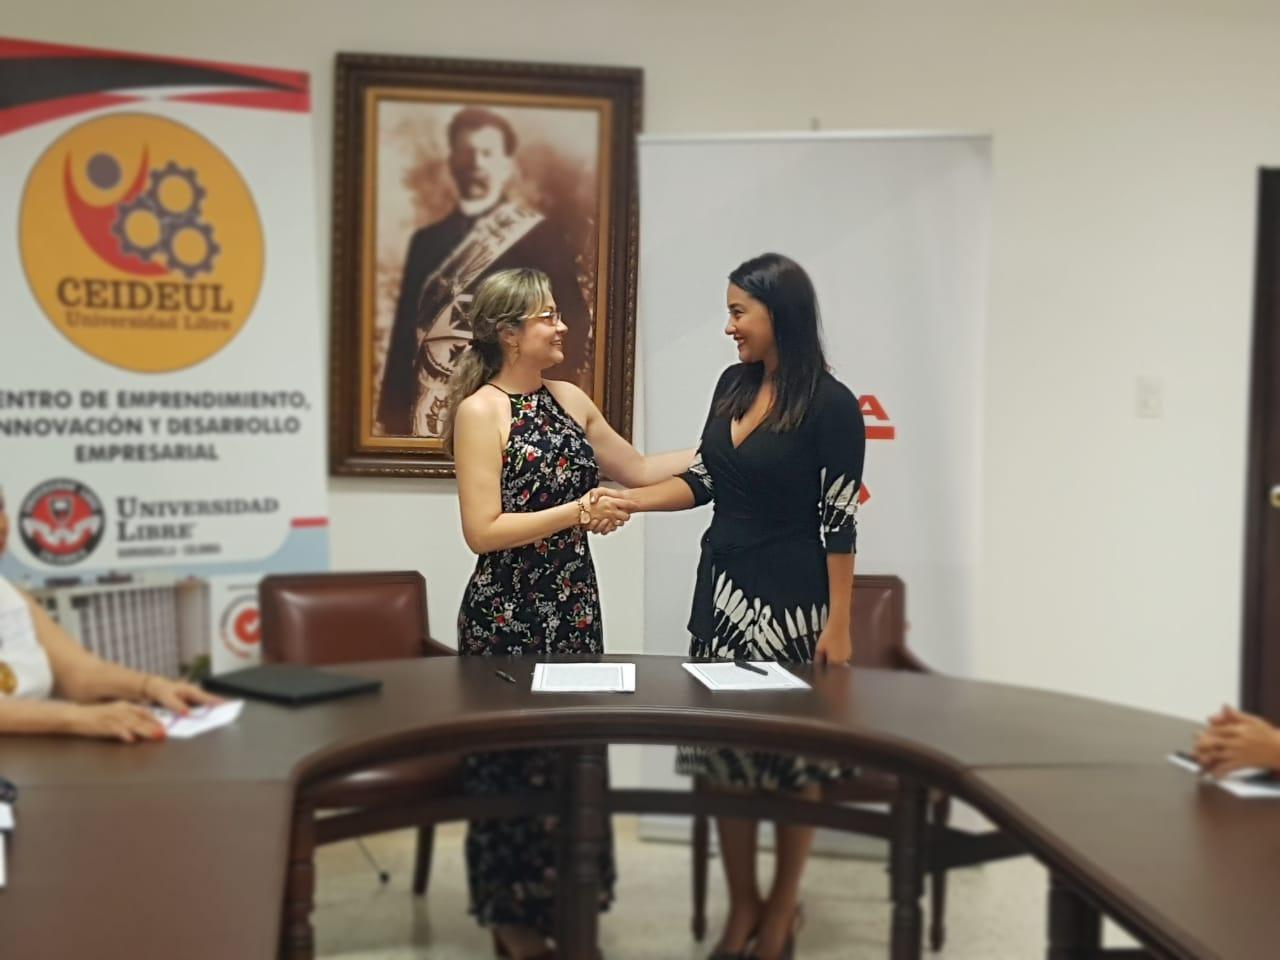 Dra. Beatriz Tovar Carrasquilla, presidente delegada de la Universidad Libre y Dra. Jacqueline Rojas Solano, directora regional del Sena, durante la firma del Convenio Cooperación Interinstitucional Académica, Científica y Tecnología.